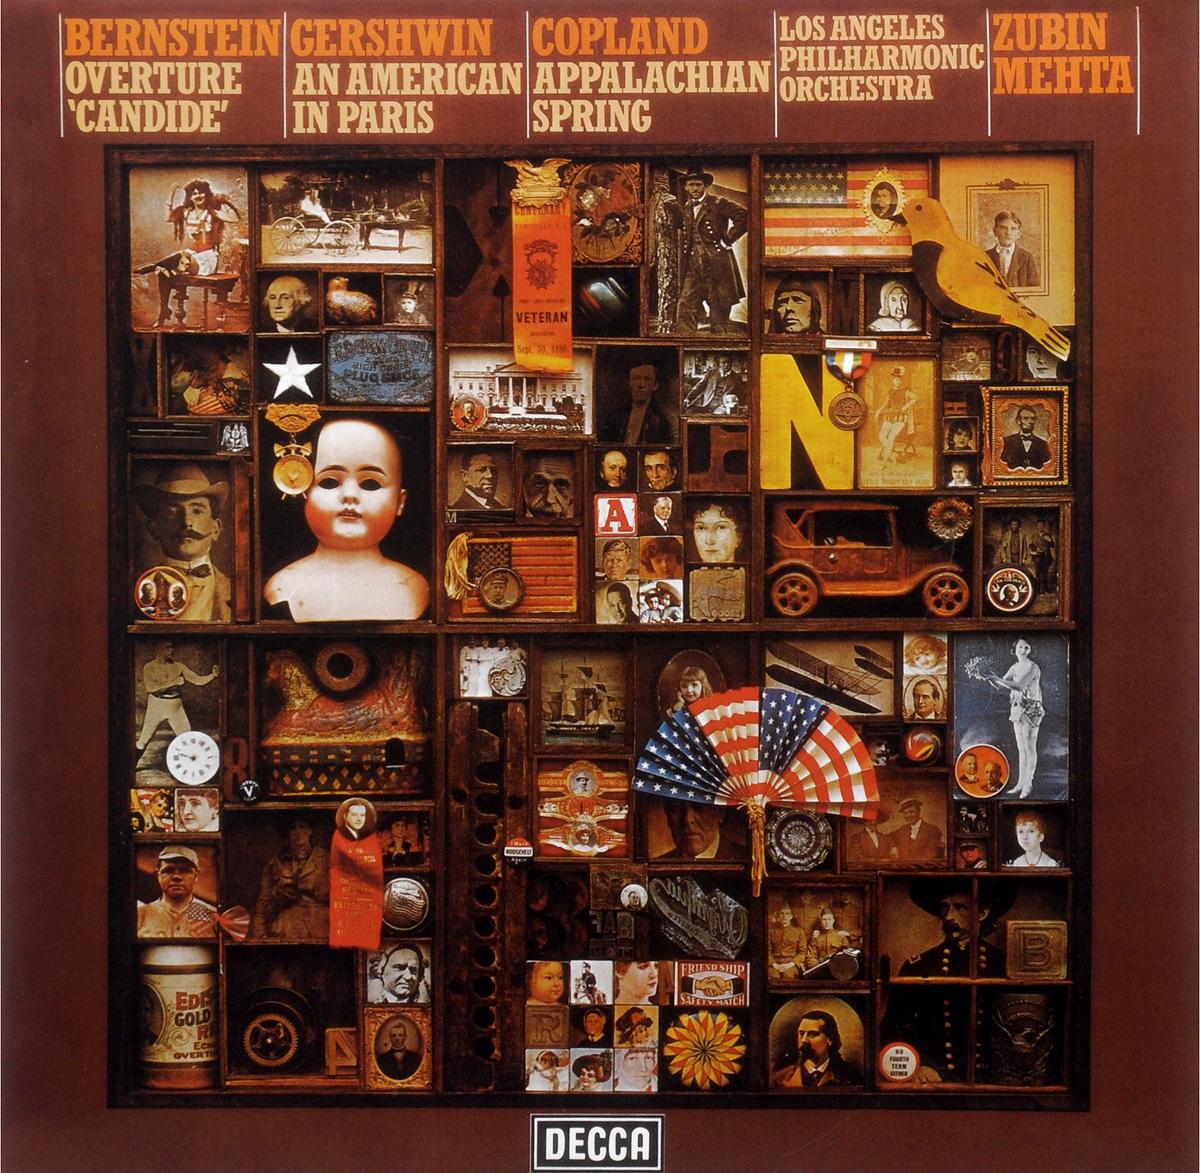 Los Angeles Philharmonic Orchestra,Зубин Мета Zubin Mehta, Los Angeles Philharmonic Orchestra. Bernstein / Gershwin / Copland (LP)